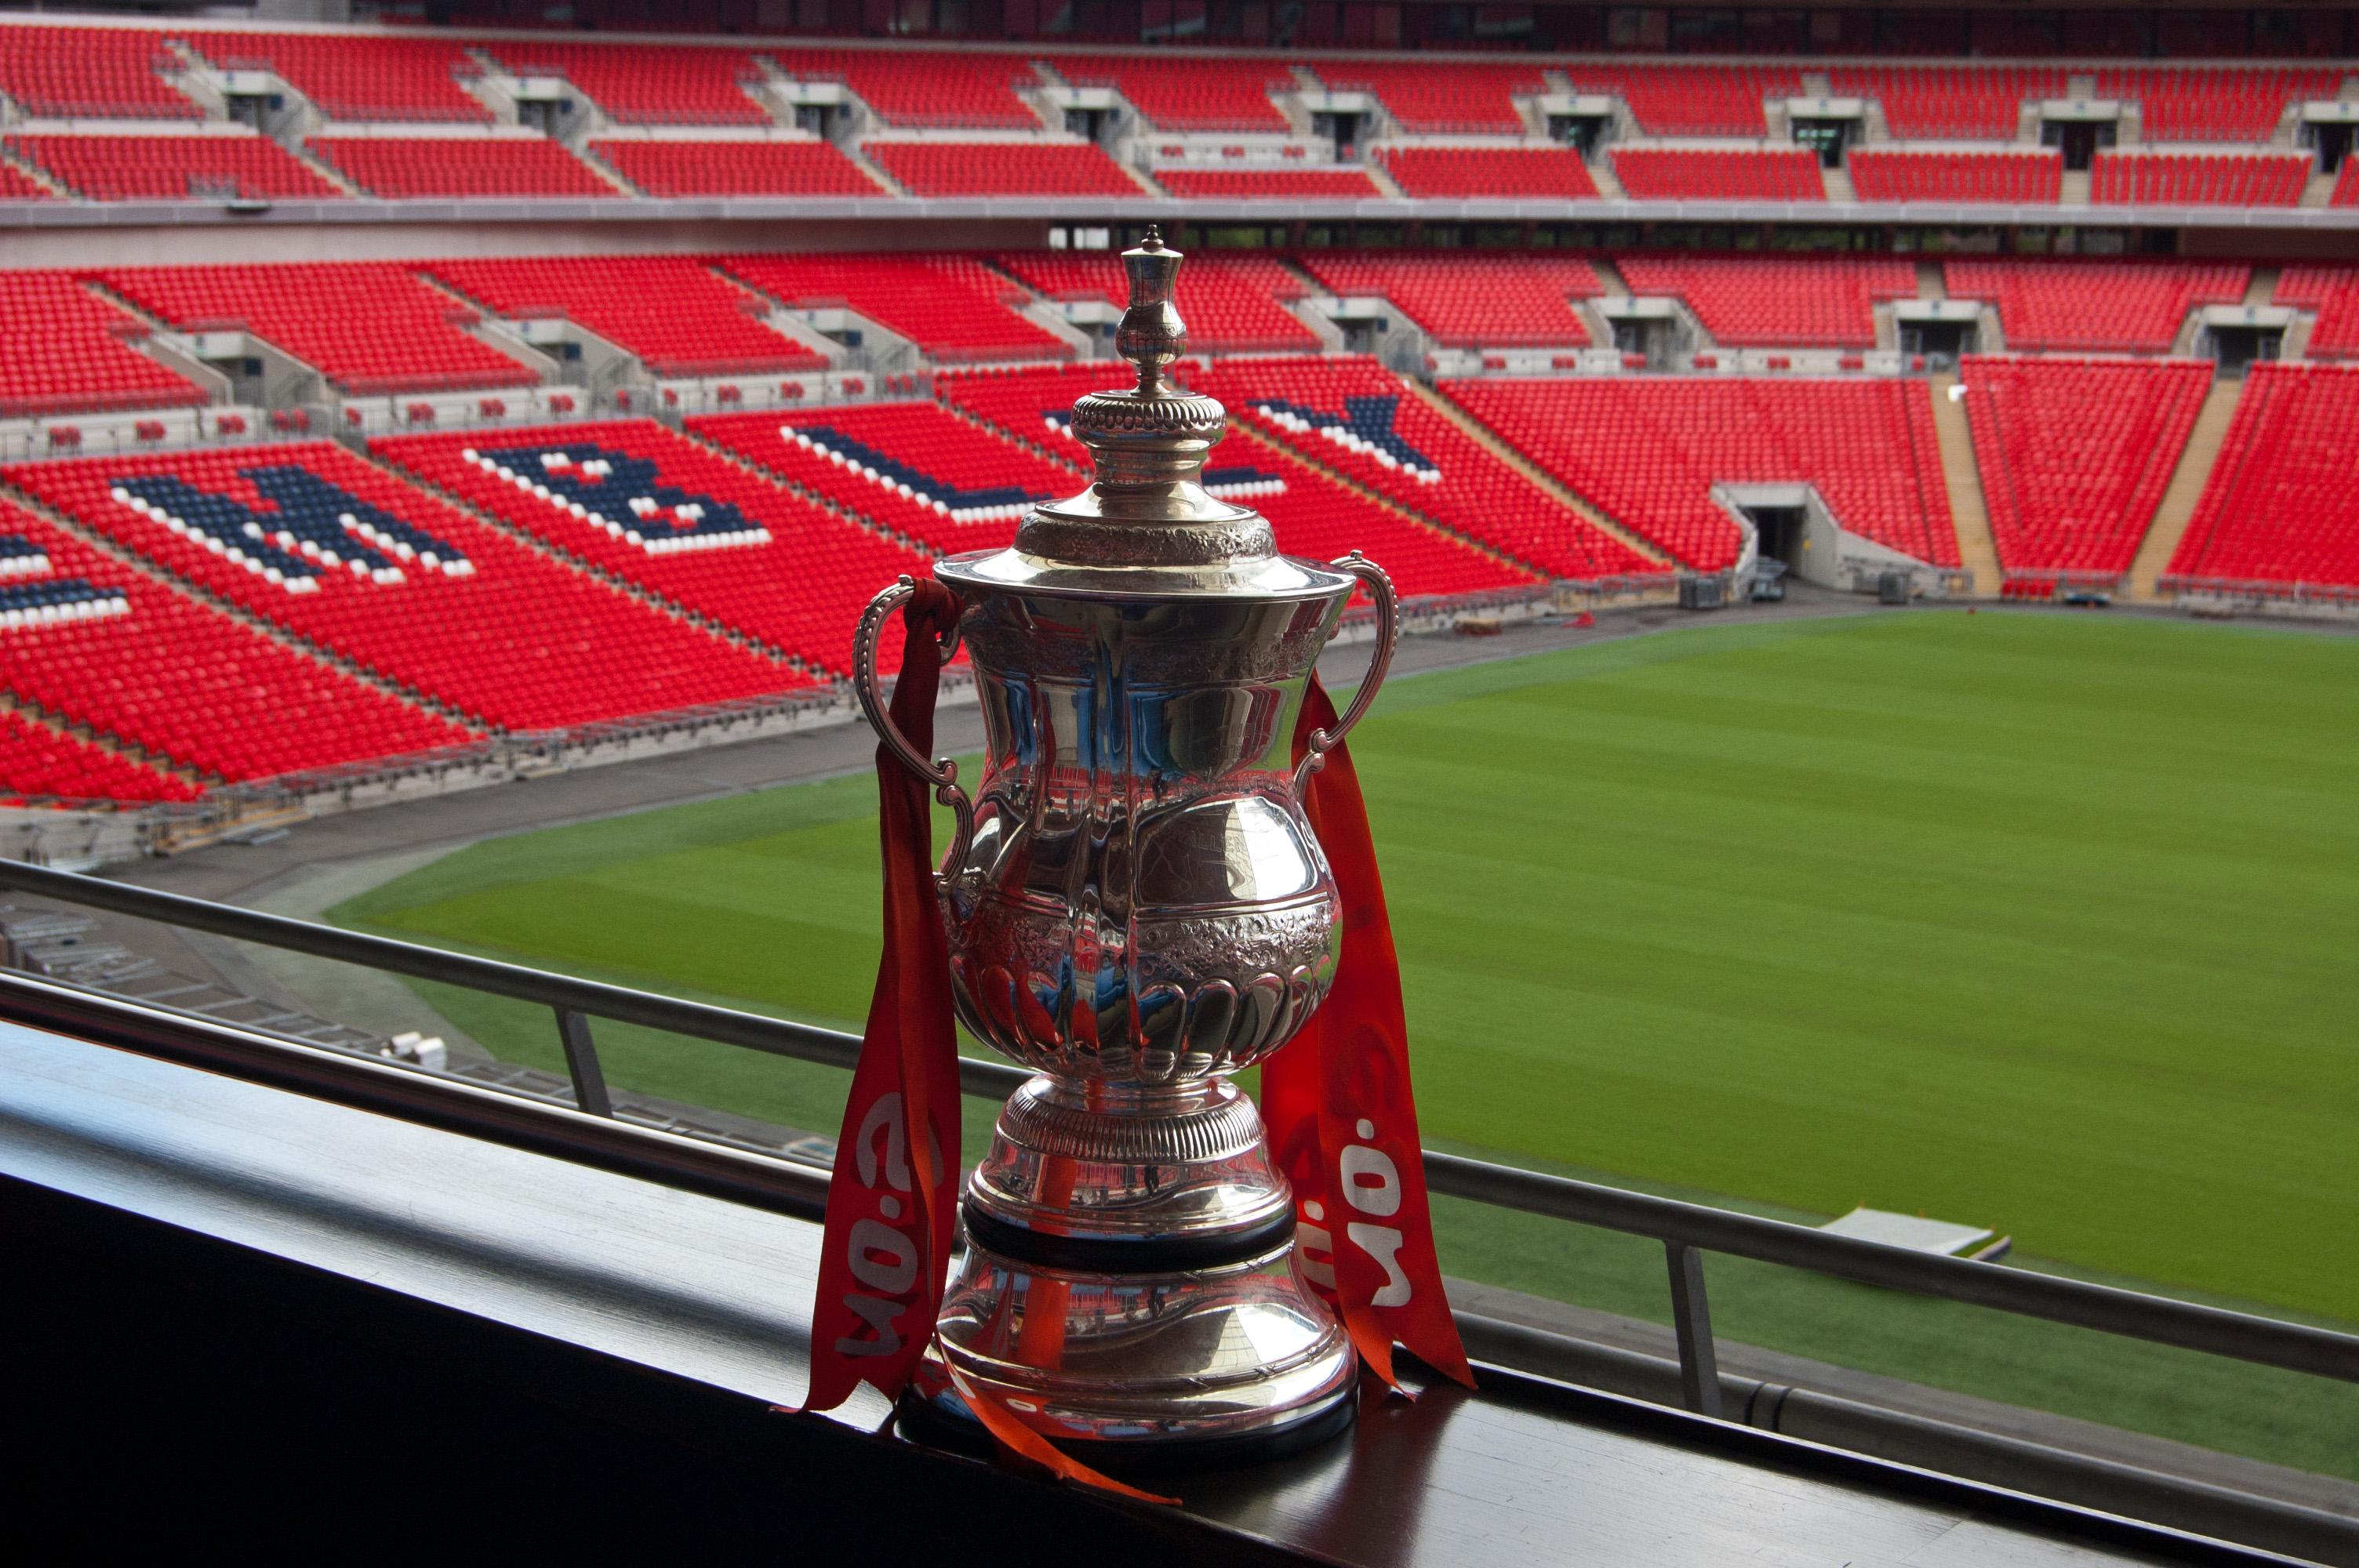 FA Cup at Wembley Stadium London Photo Flickr: Dave Gunn